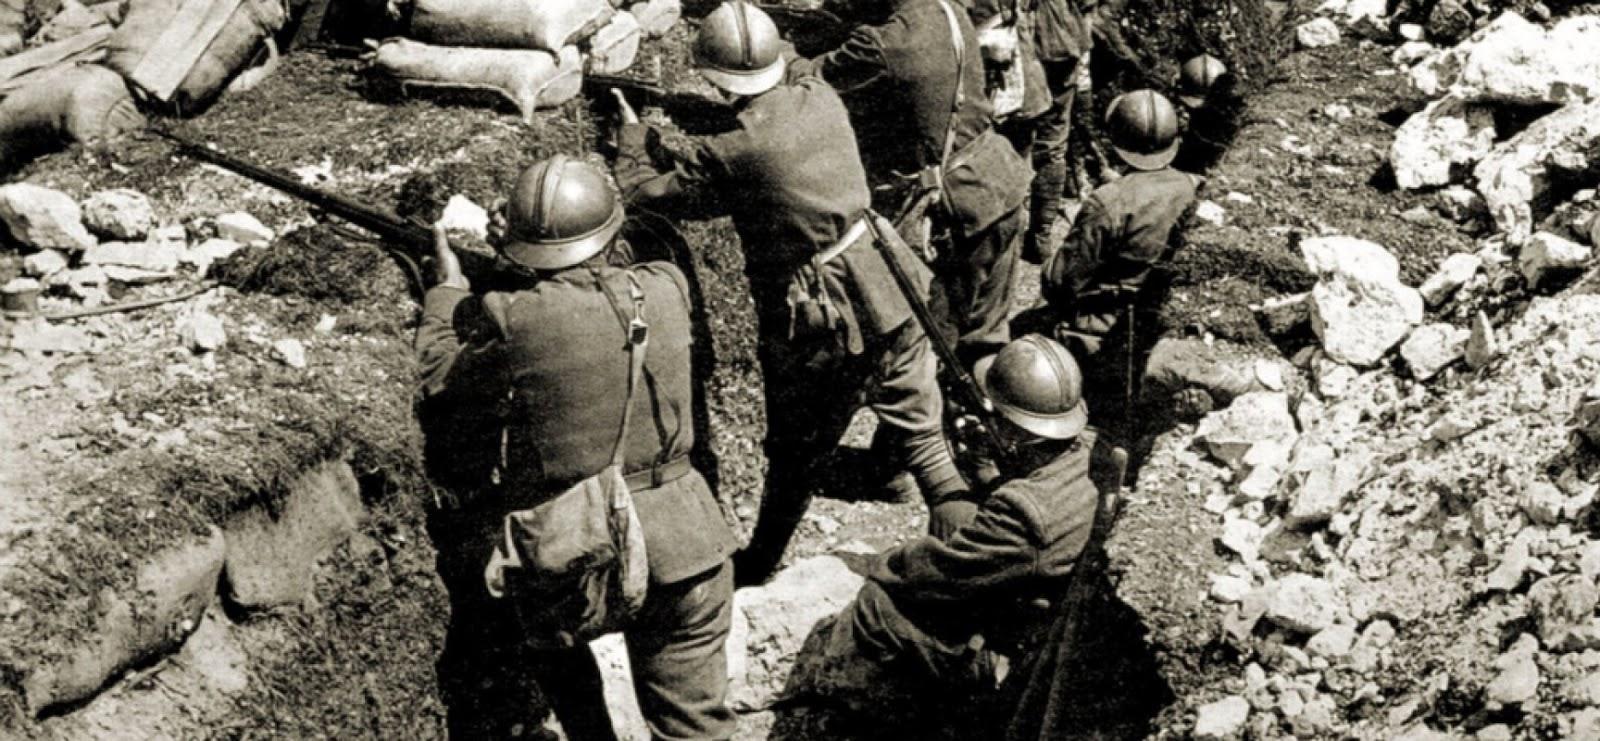 Foto prima guerra mondiale carso 73